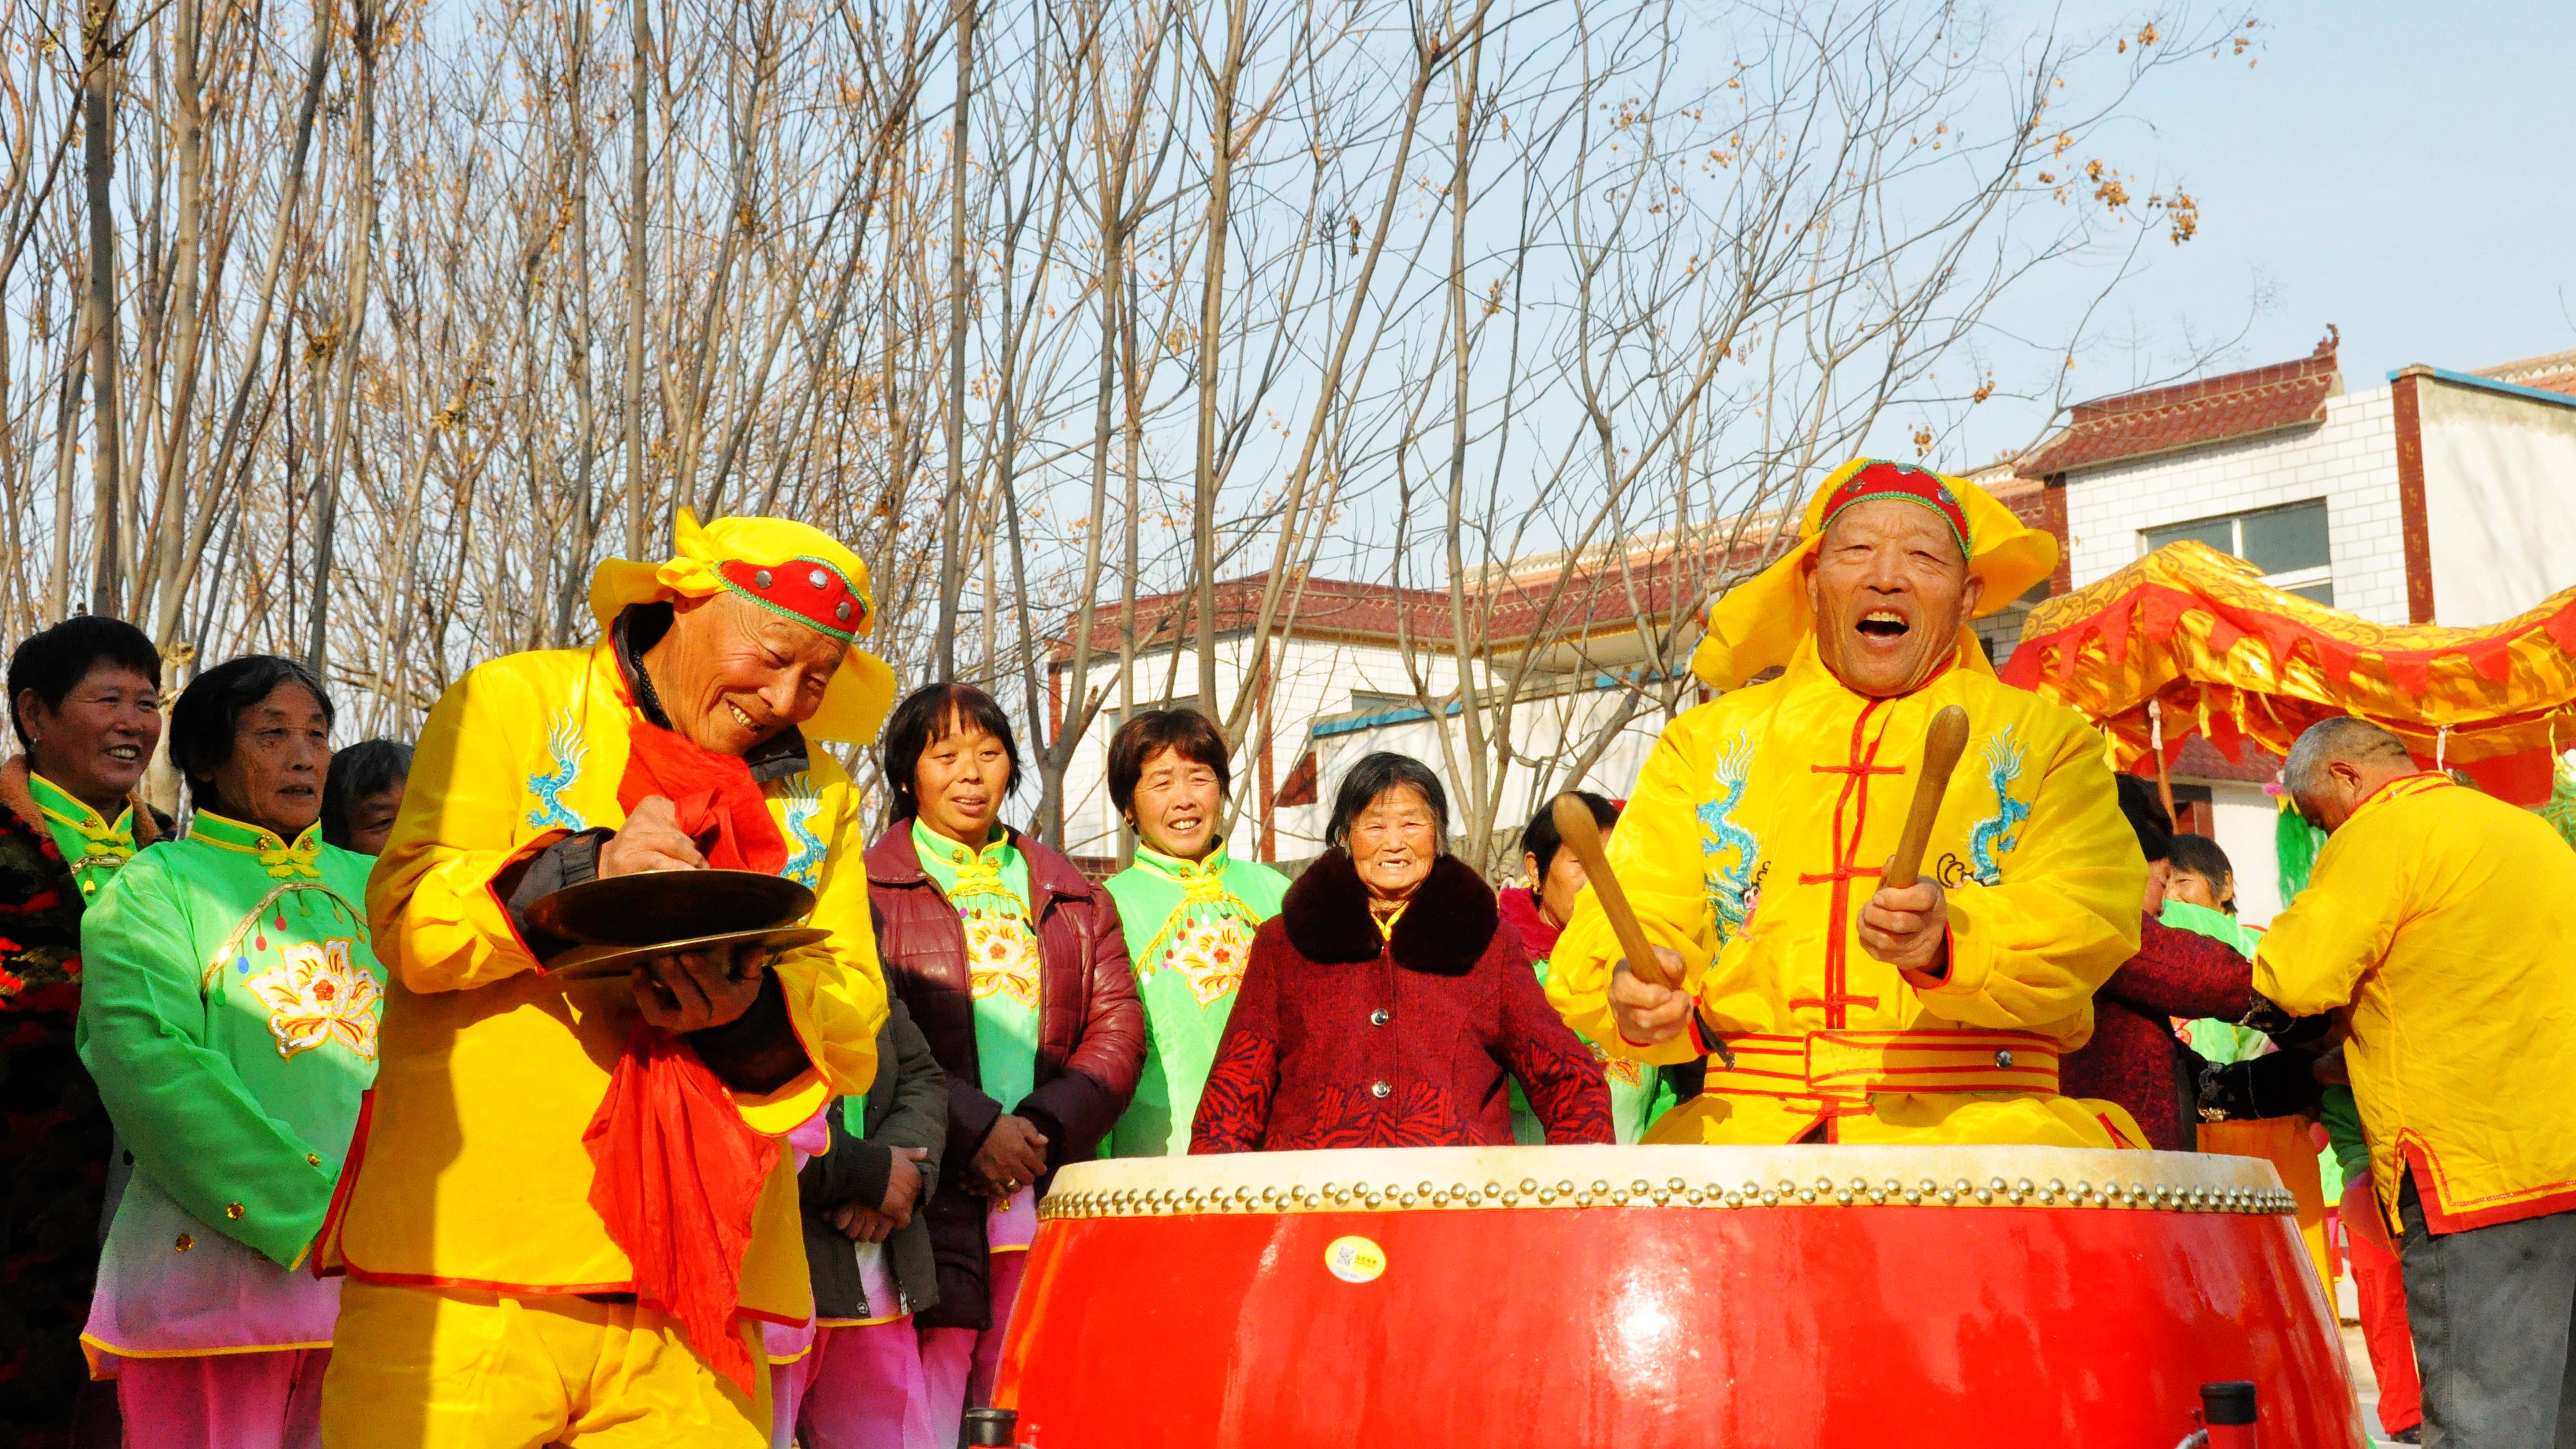 冯塘乡刘庄村是周口报业传媒集团的扶贫点,驻村工作队积极引导村民开展文化活动,摒弃陋习,树立文明向上的乡风。   云烟   摄